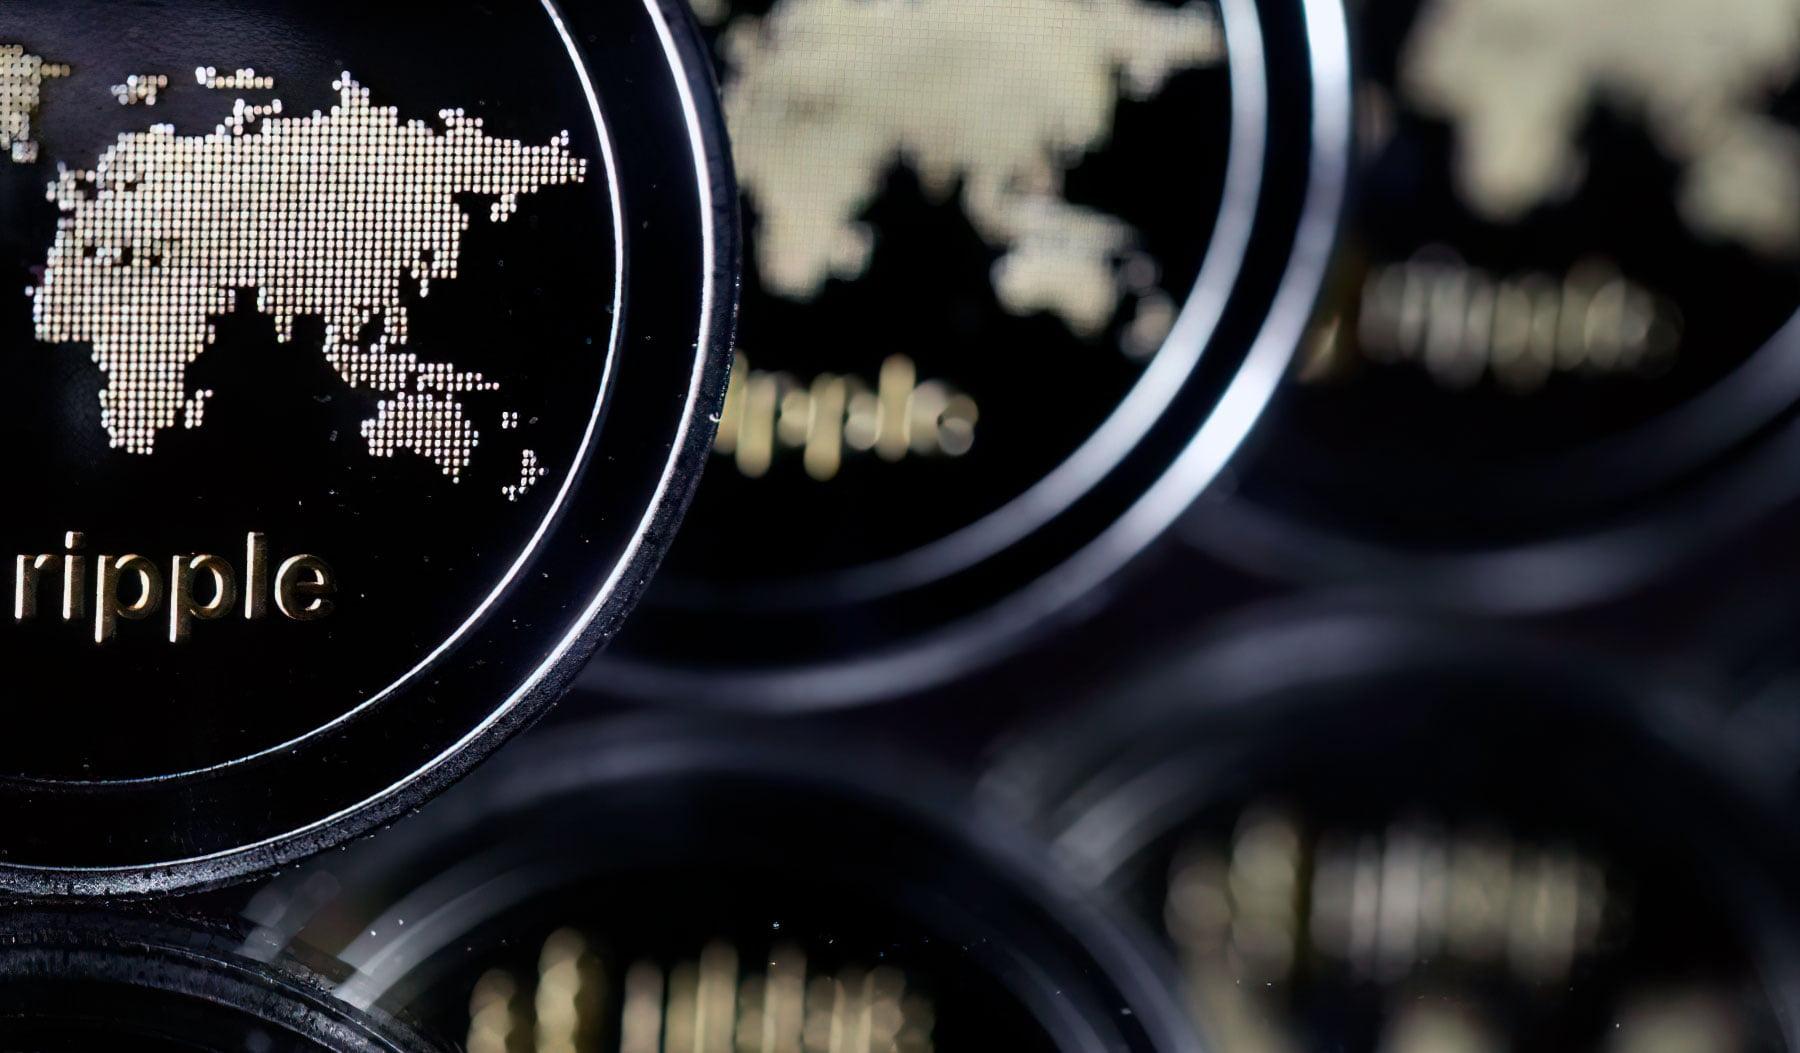 Технический директор Ripple: Все свидетельствует о том, что XRP и биткоин подобны